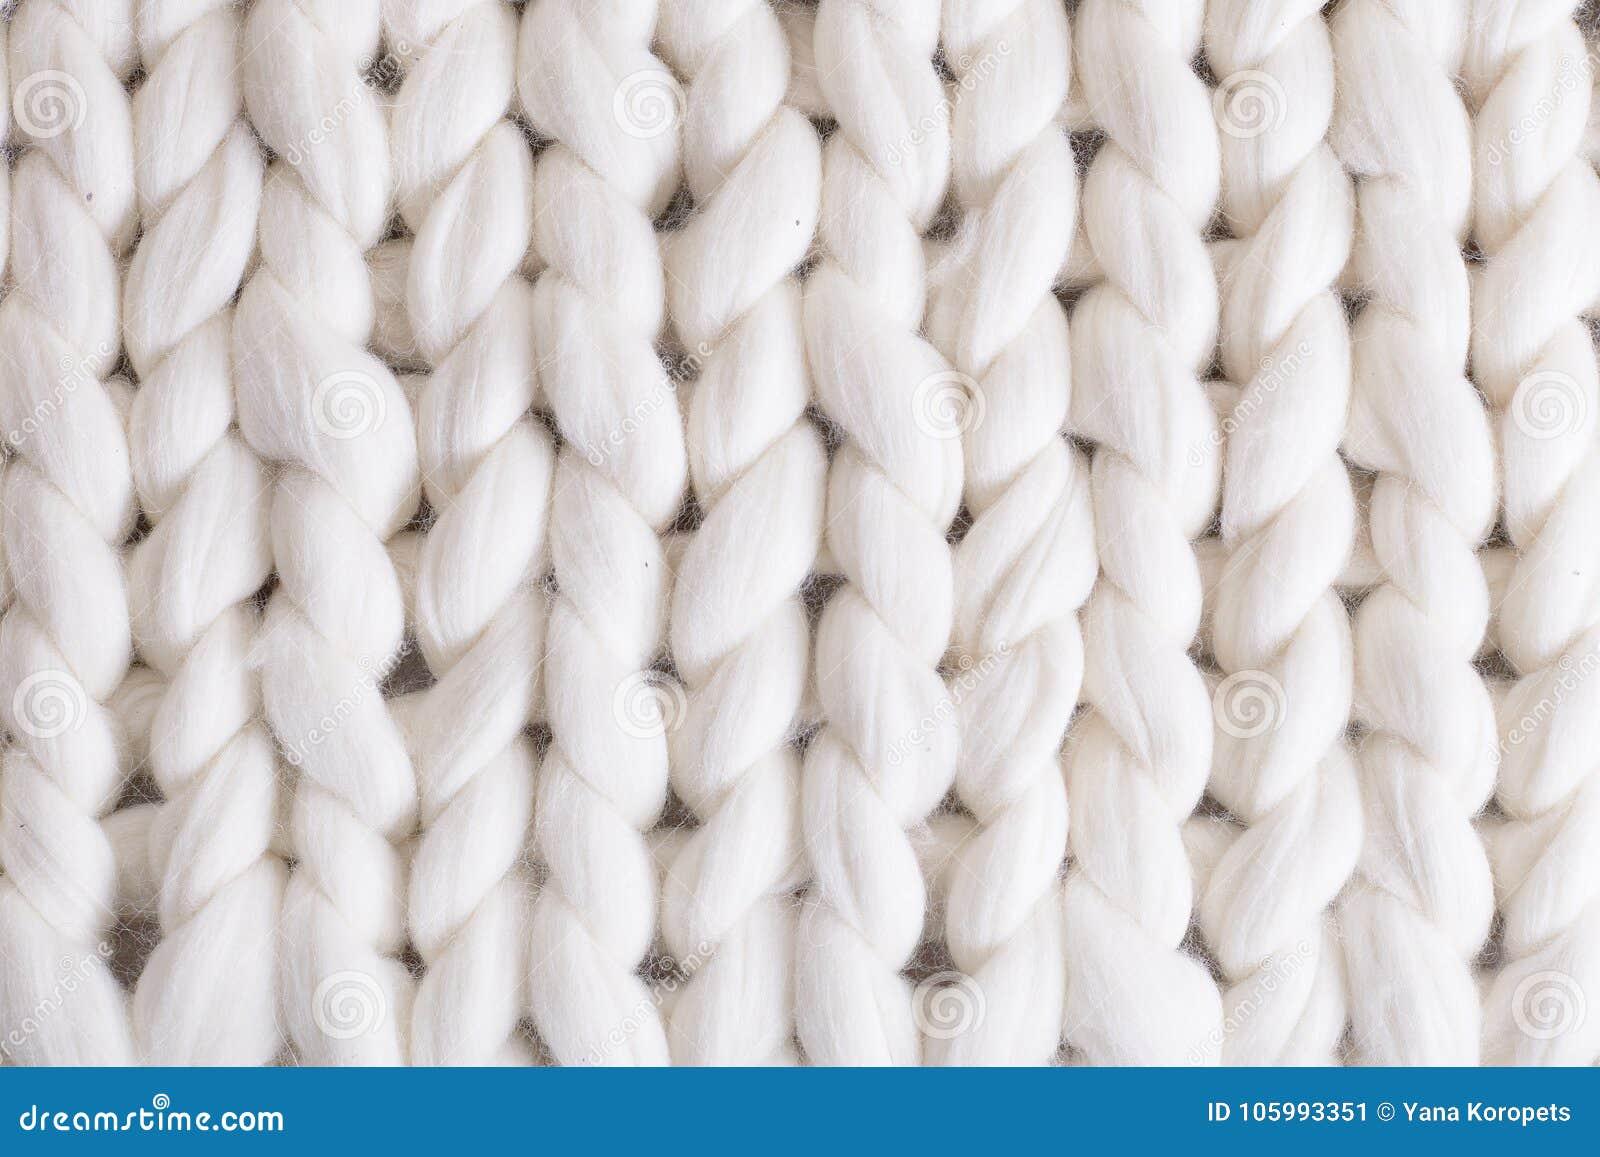 Malha grande da manta branca cobertura feita malha trança da textura